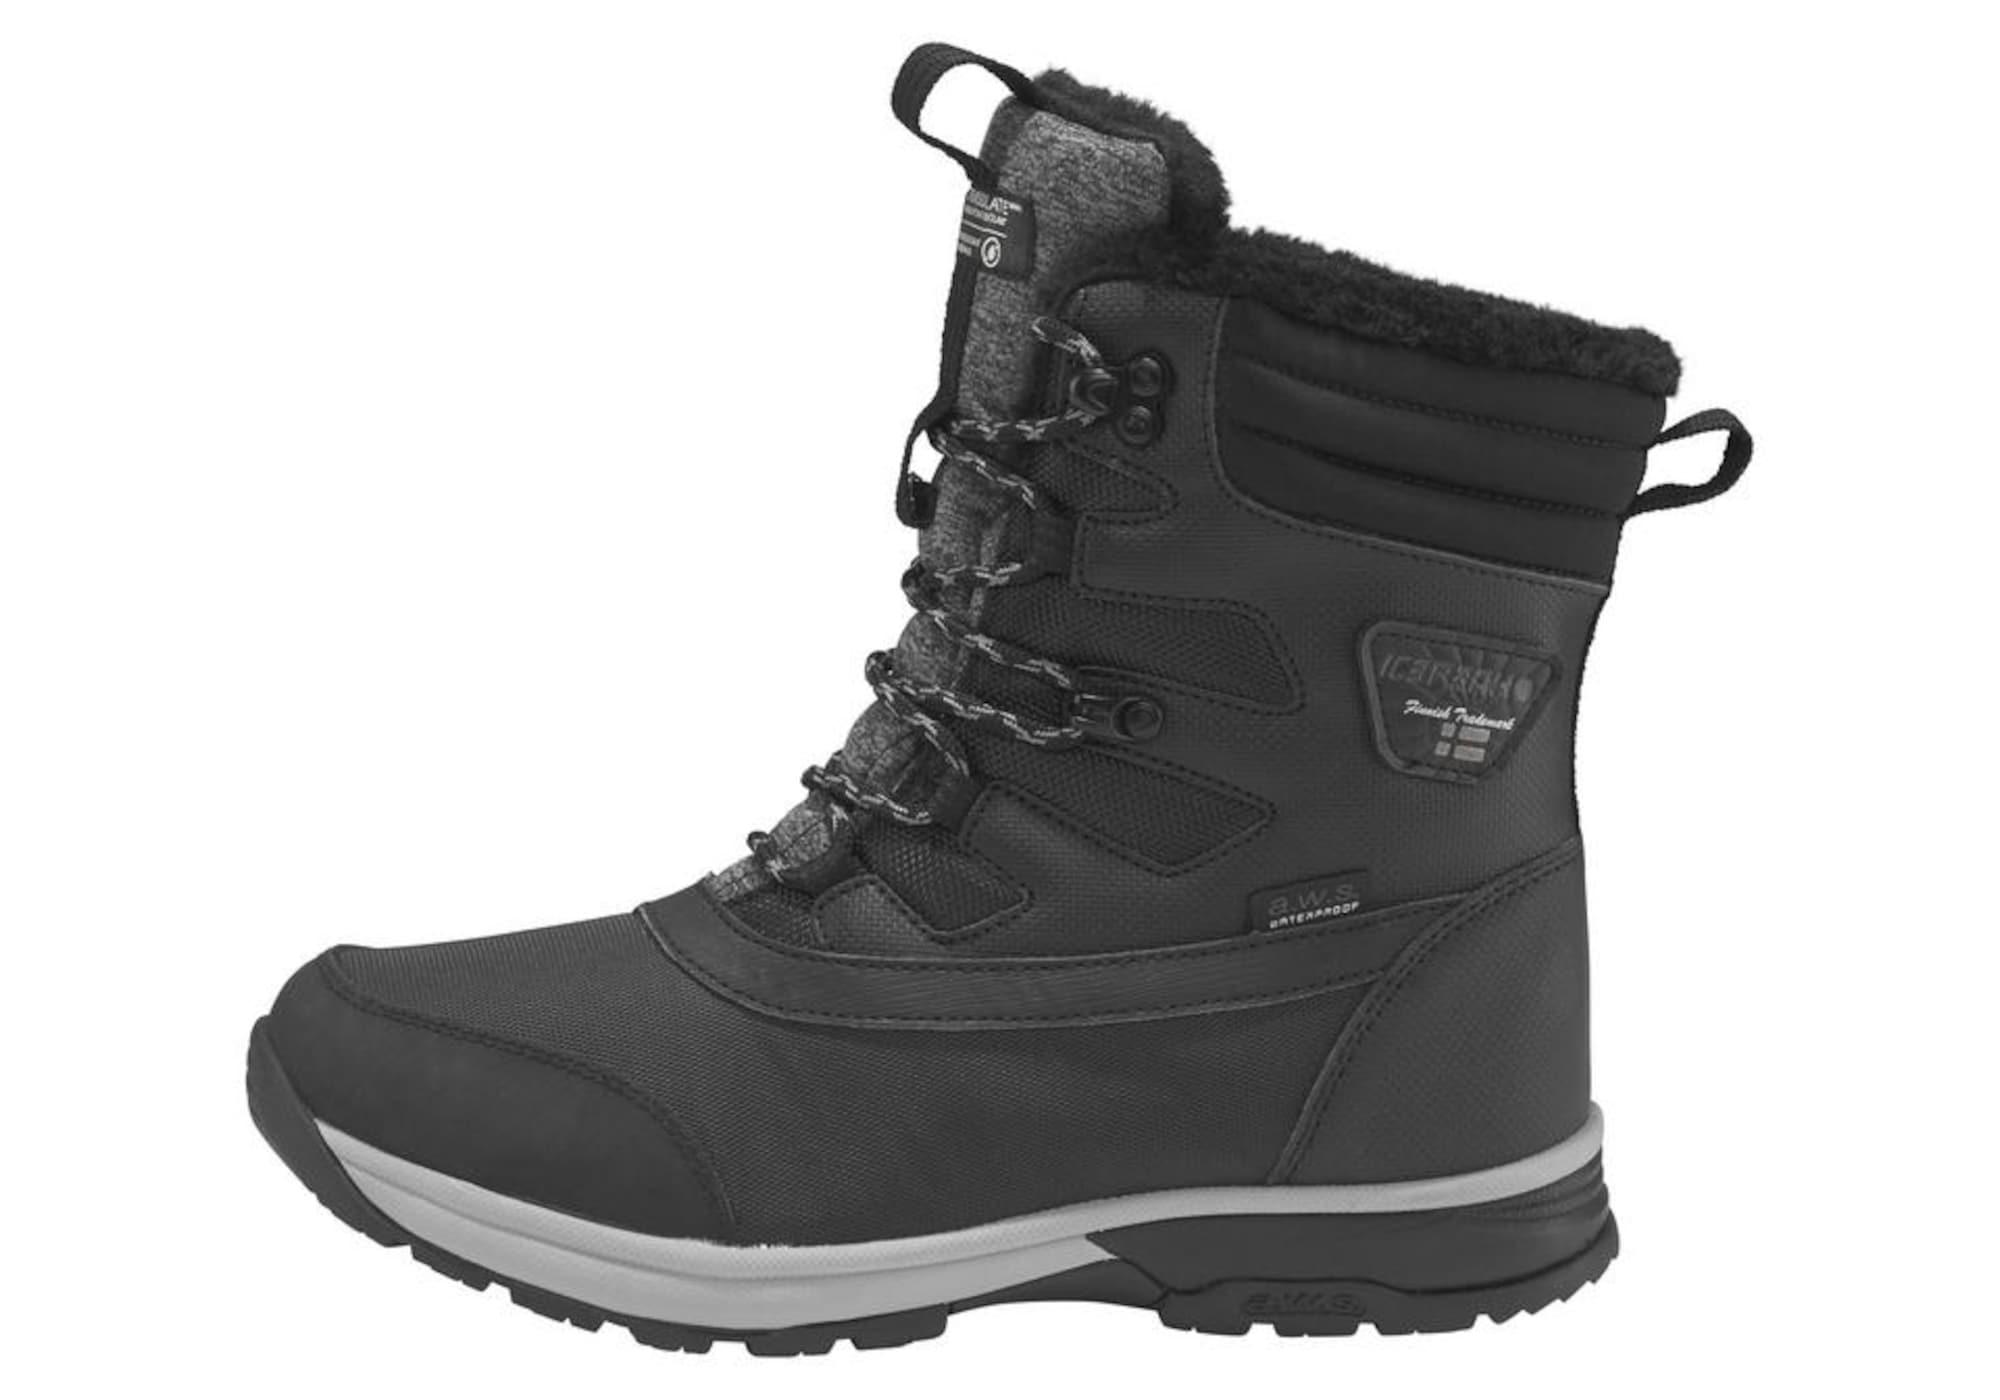 Outdoorwinterstiefel 'Welsie W' | Schuhe > Outdoorschuhe > Outdoorwinterstiefel | Schwarz | icepeak